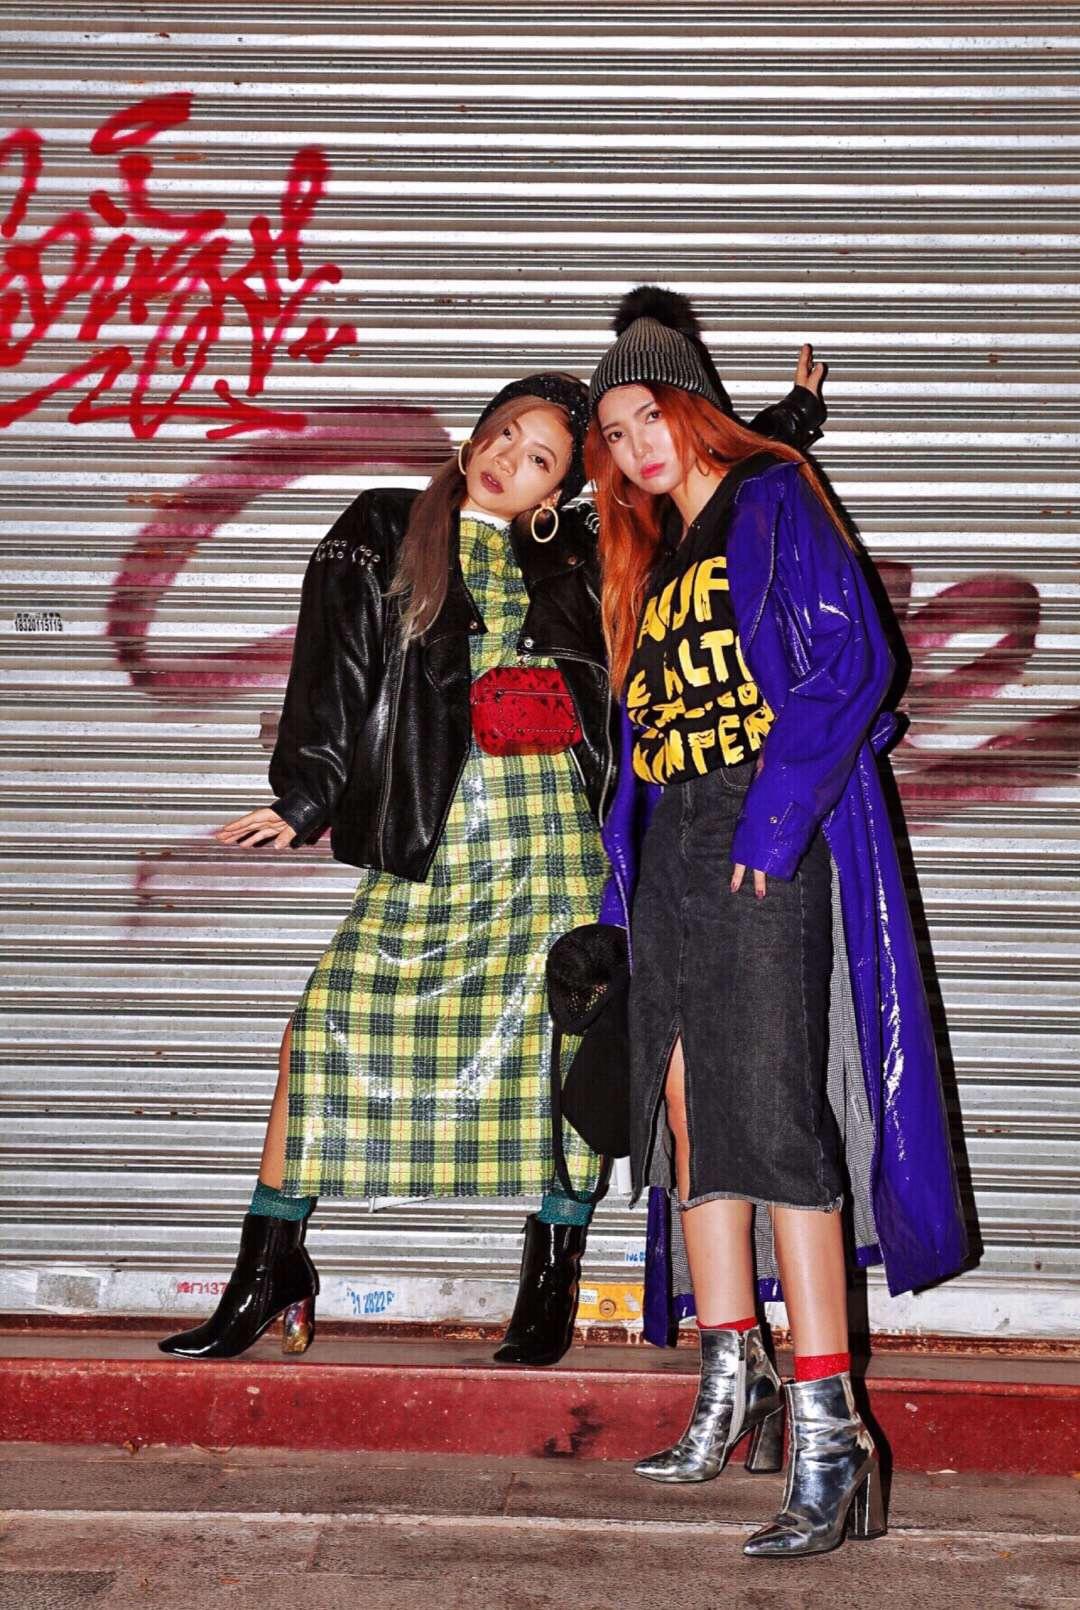 高级街头混搭,把高调穿在身上!#提高腰线!小个子穿搭终极重点# 紫色外套:Mo&co 裙子:稀有概率 靴子:honey girlcc 卫衣:独立设计